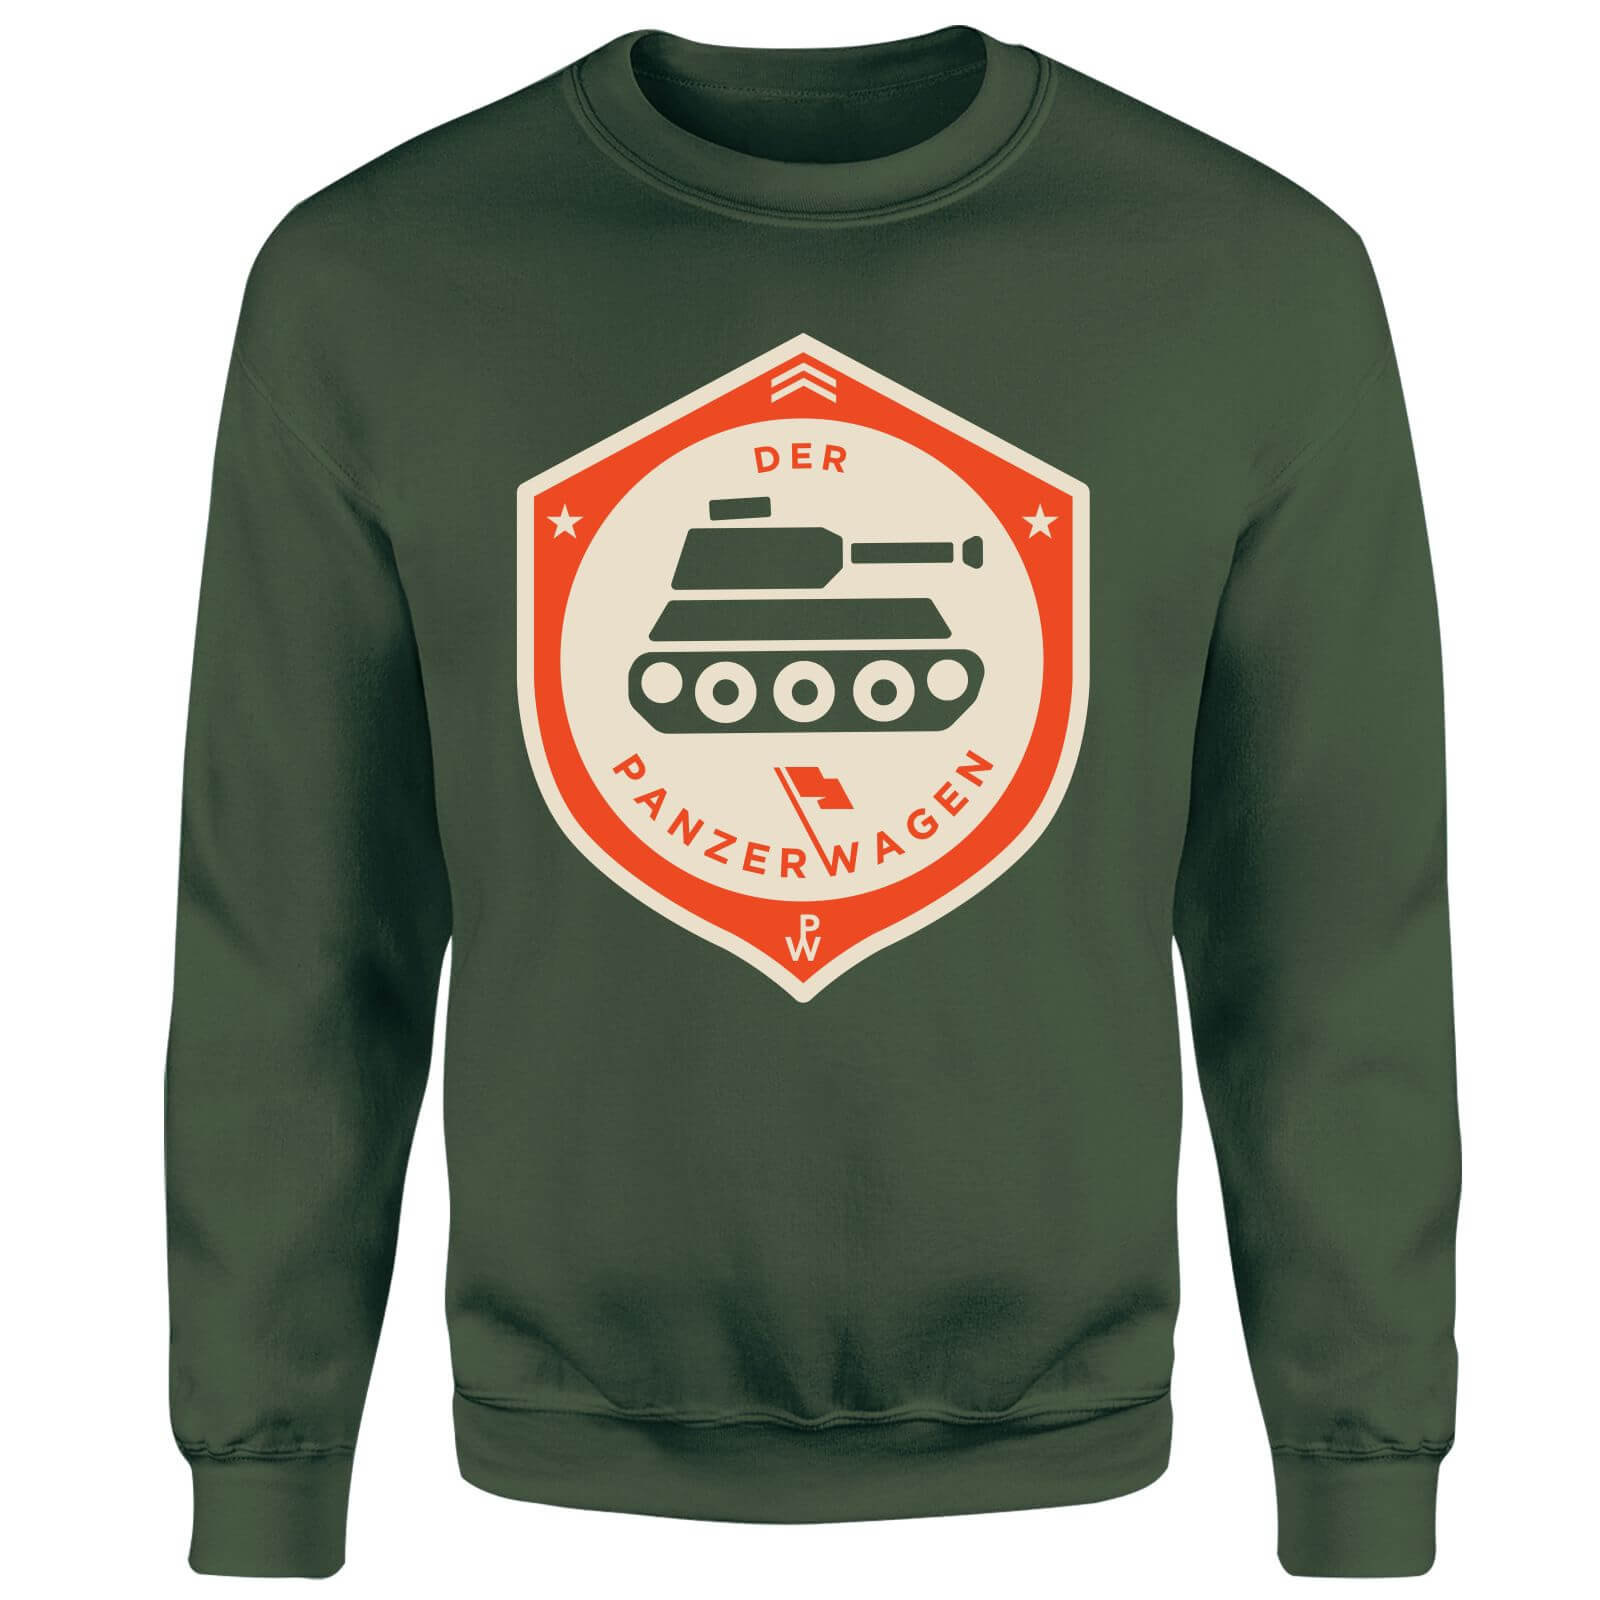 Der Panzerwagen Sweatshirt - XXL - Forest Green